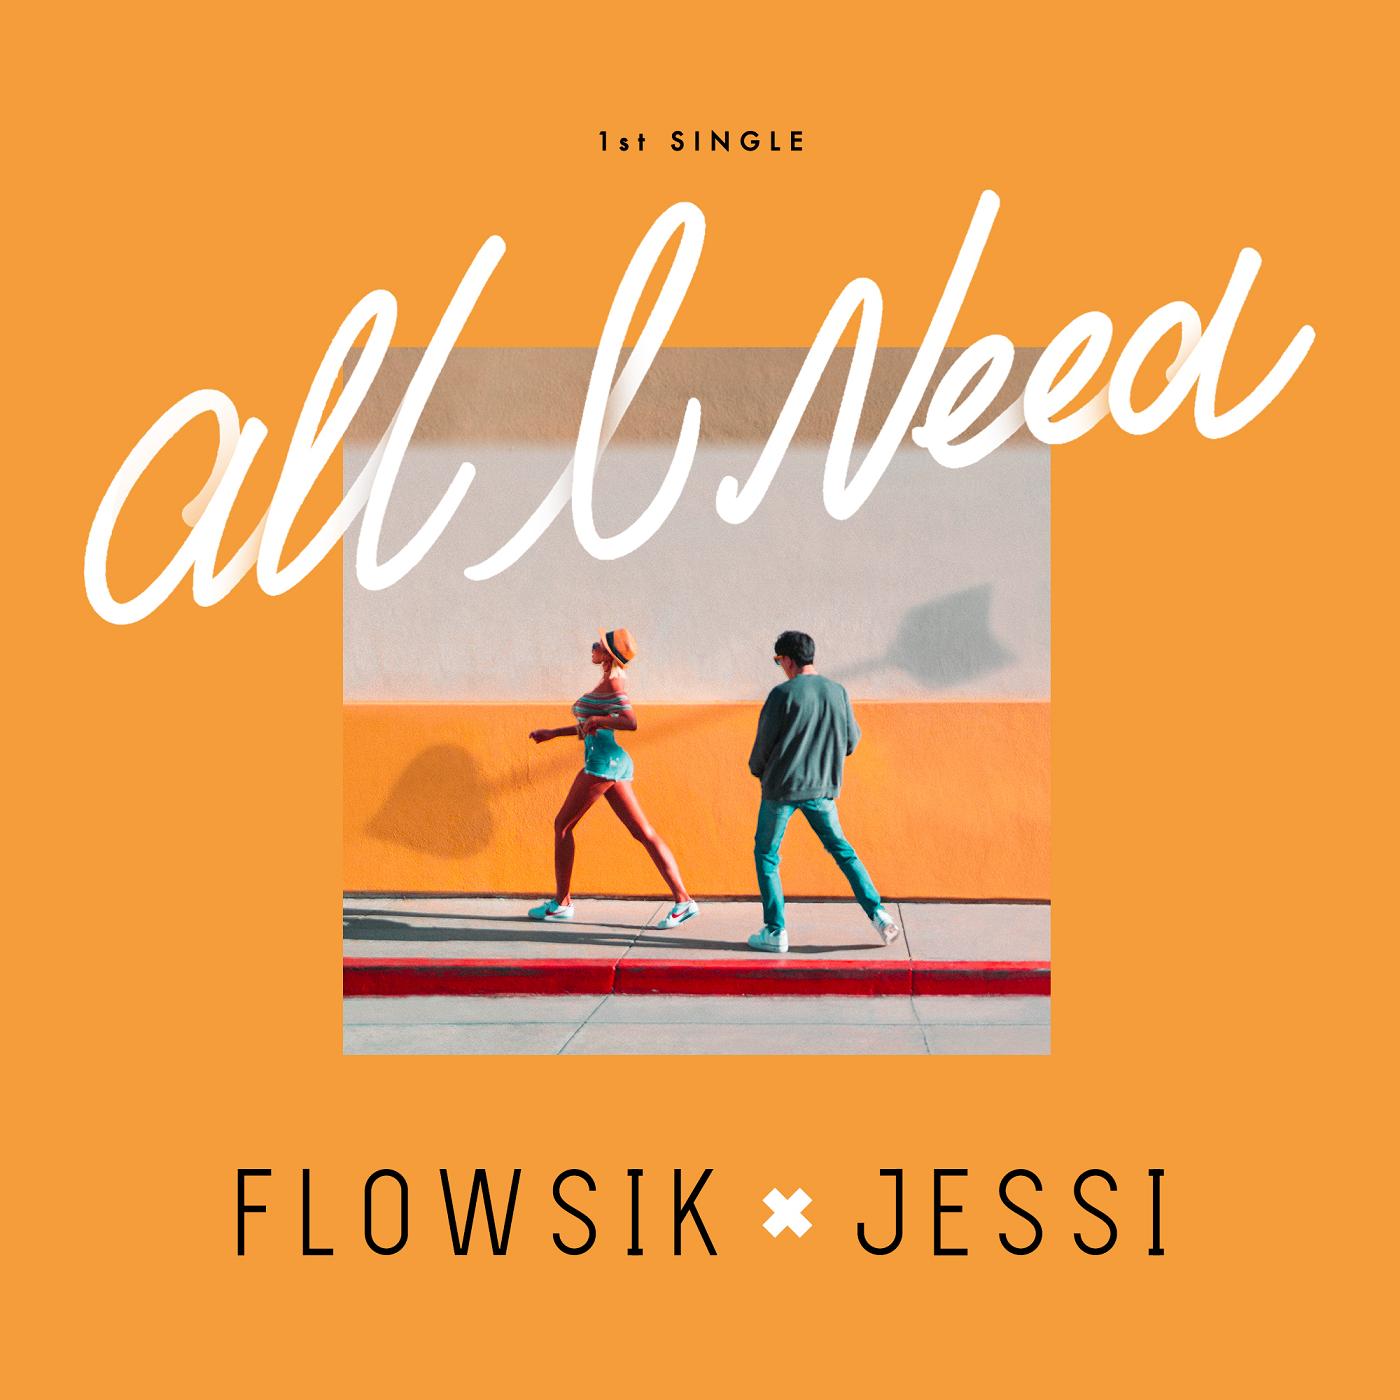 All I Need (Flowsik & Jessi)